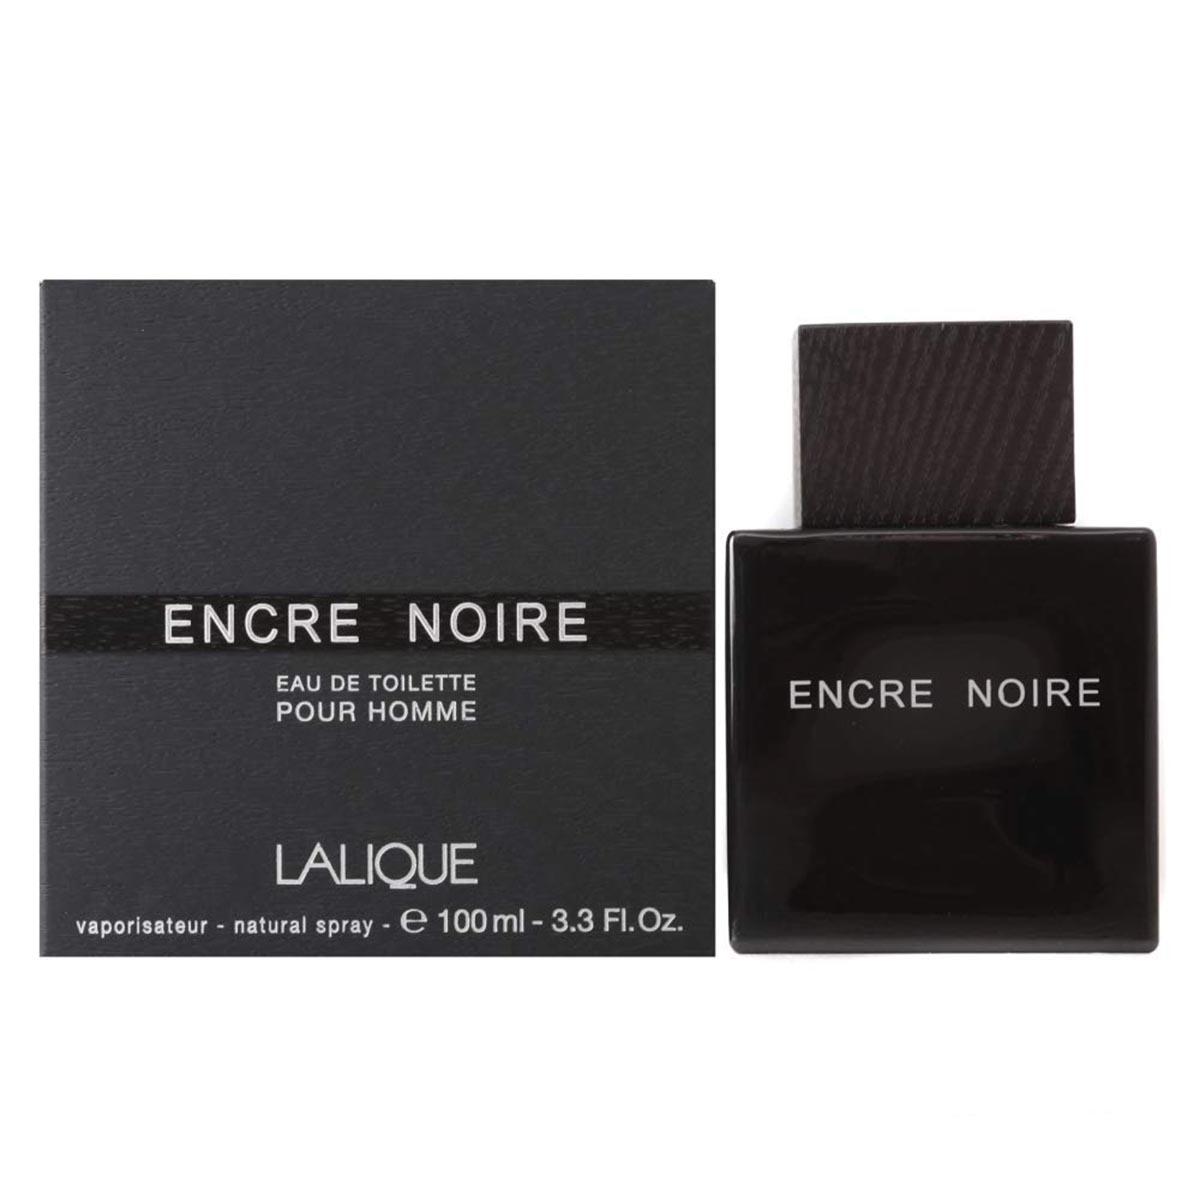 Lalique encre noir homme eau de toilette 100ml